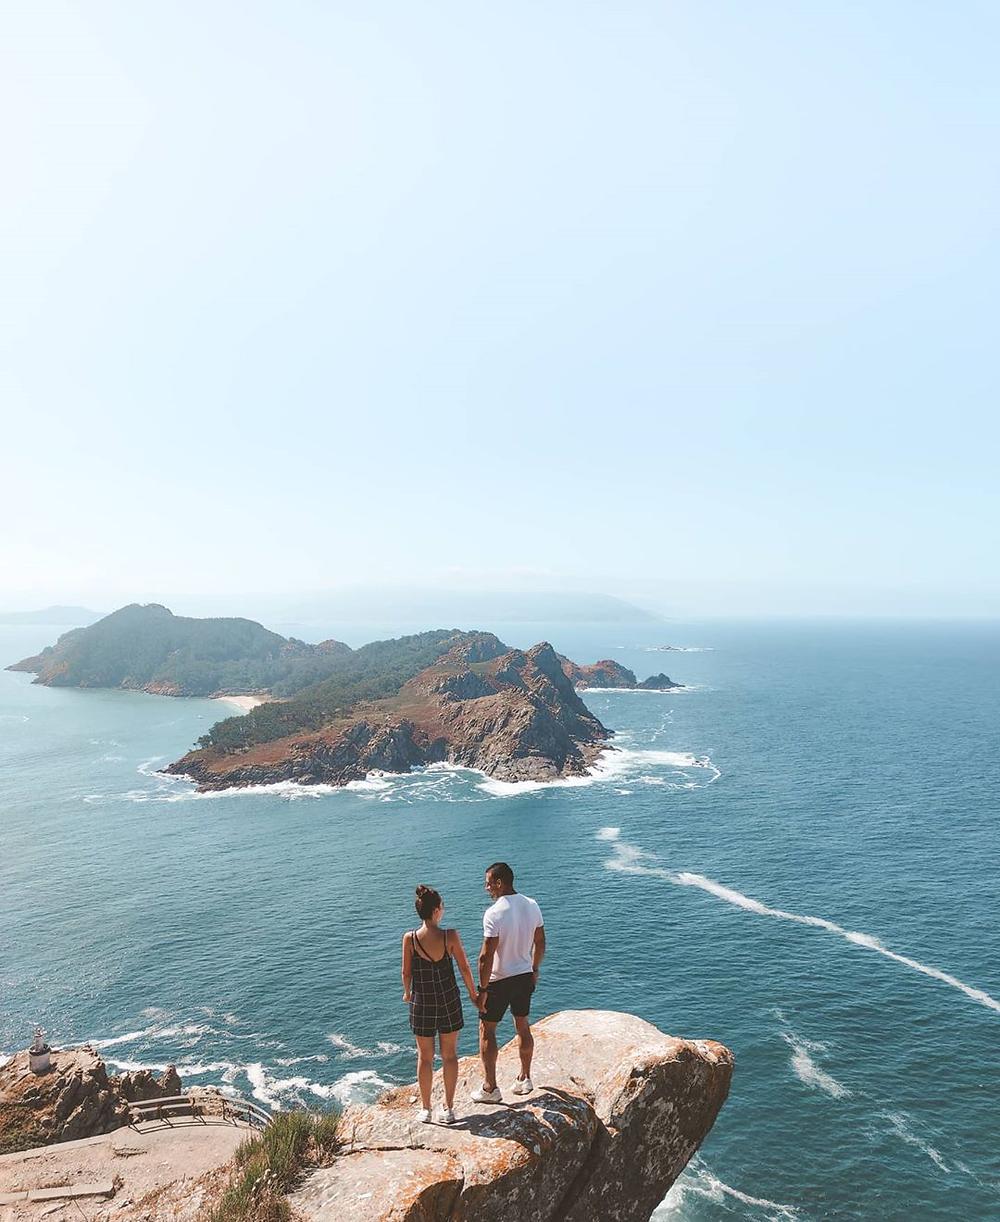 Islas Cíes - Pontevedra